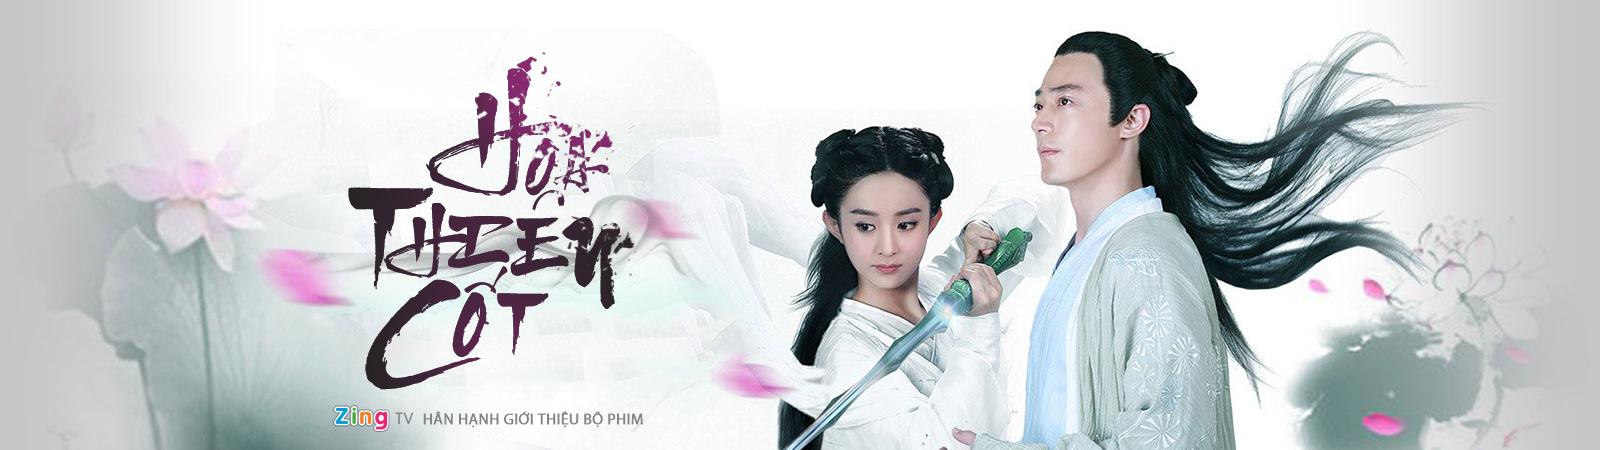 Tập 14 - Hoa Thiên Cốt